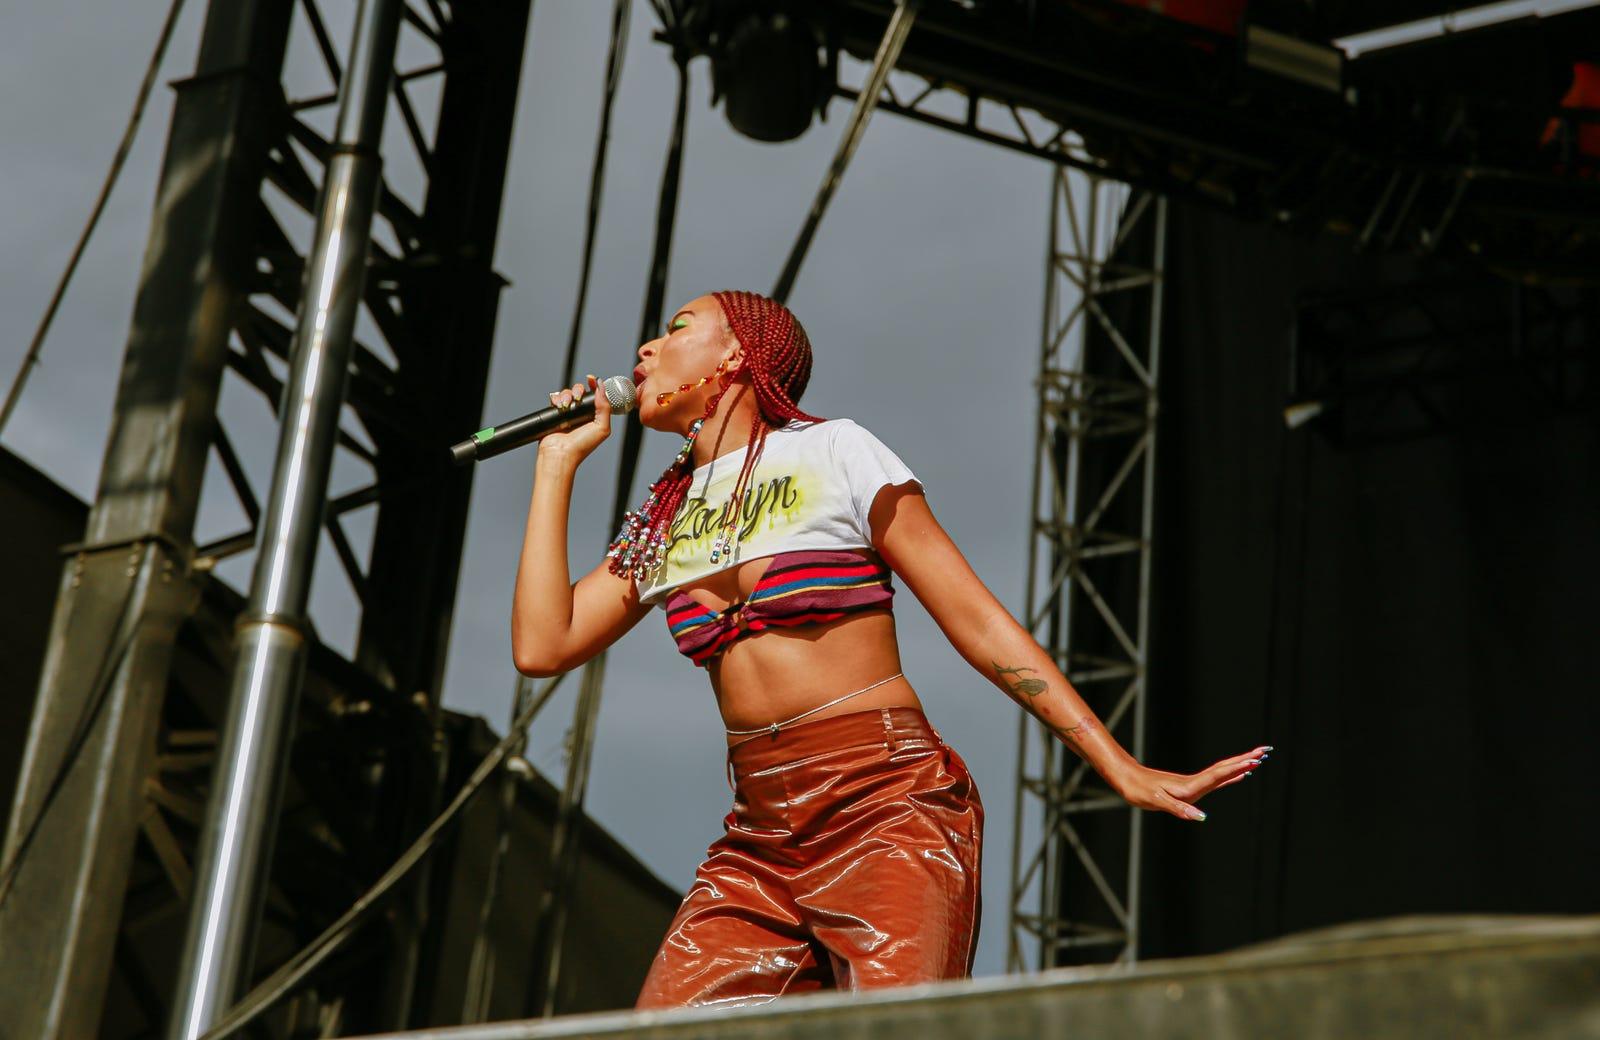 Ravyn Lenae performing at AfroPunk Brooklyn 2019.